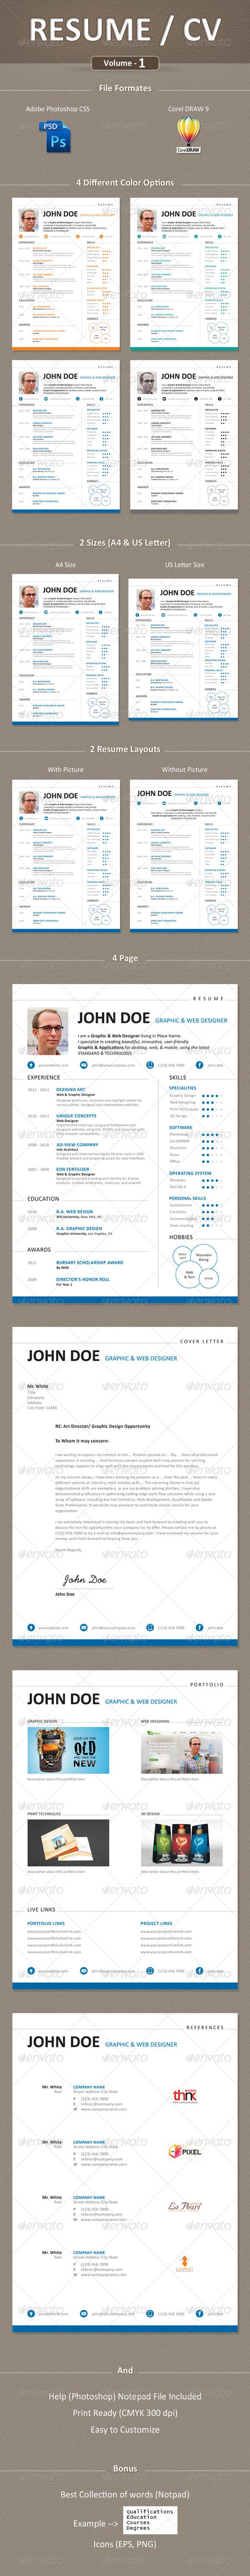 GraphicRiver Resume CV Curriculum Vitae 5584433